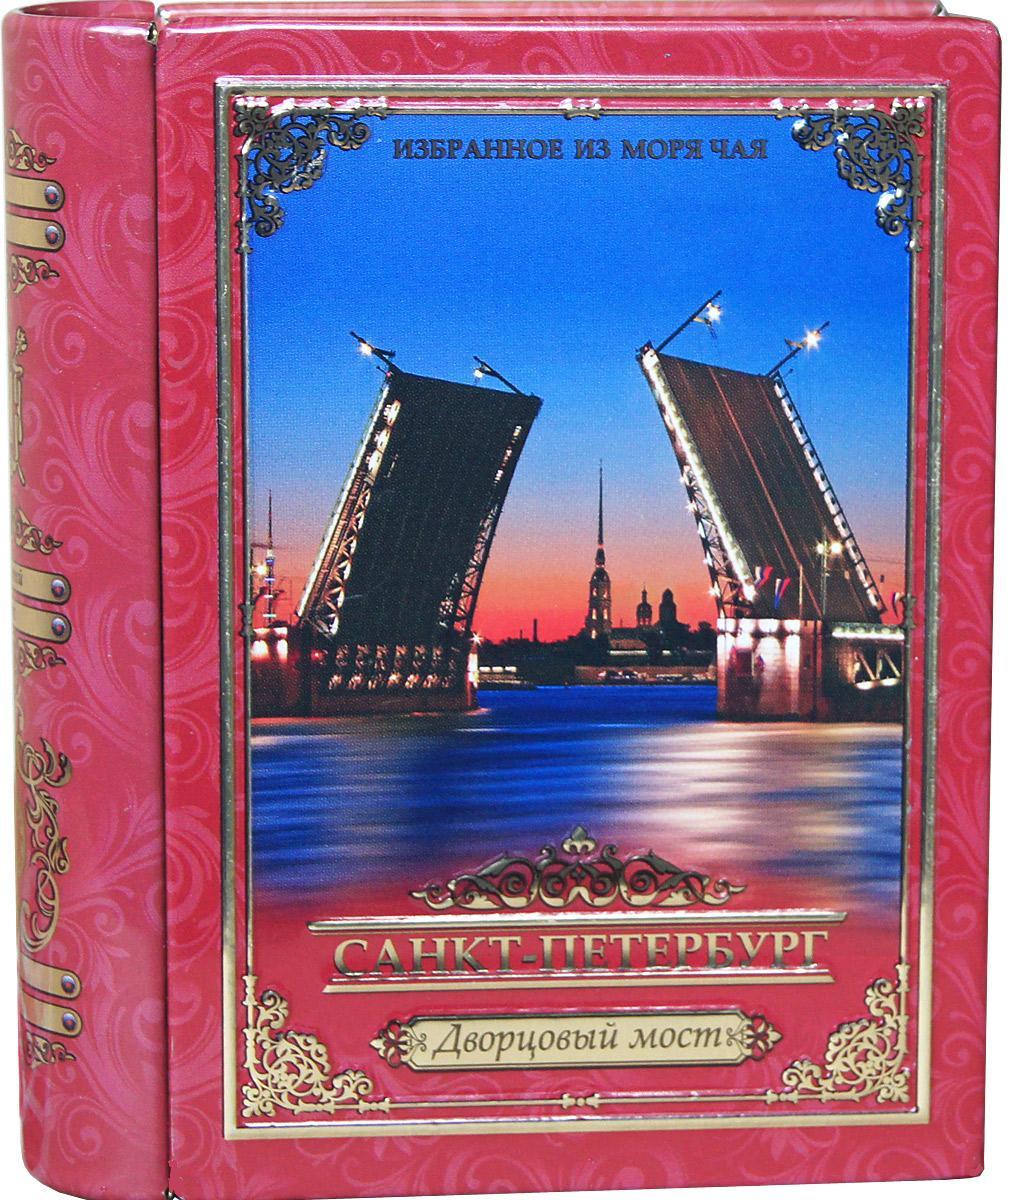 Избранное из моря чая Книги о Петербурге. Дворцовый мост чай черный листовой, 30 г4792219611684Листья среднего размера, ломанные, хорошо скрученные. Чем более мелкие части листа используются в чае, тем меньше в нем аромата, но зато такой чай быстрее заваривается, дает более крепкий настой. Этот чай упакован в пачки из фольги в Шри-Ланке сразу после сбора урожая, в период созревания чая, когда он наполнен полезными веществами и эфирными маслами. Знак в виде Льва с 17 пятнышками на шкуре - это гарантия Бюро Цейлонского Чая на соответствие чая высокому стандарту качества, установленному Правительством и упакованному только в пределах Шри-Ланки. Чай упакован в коробку, которая стилизована под книгу и выполнена из жести с элементами конгрева, а также покрыта глянцевым лаком.